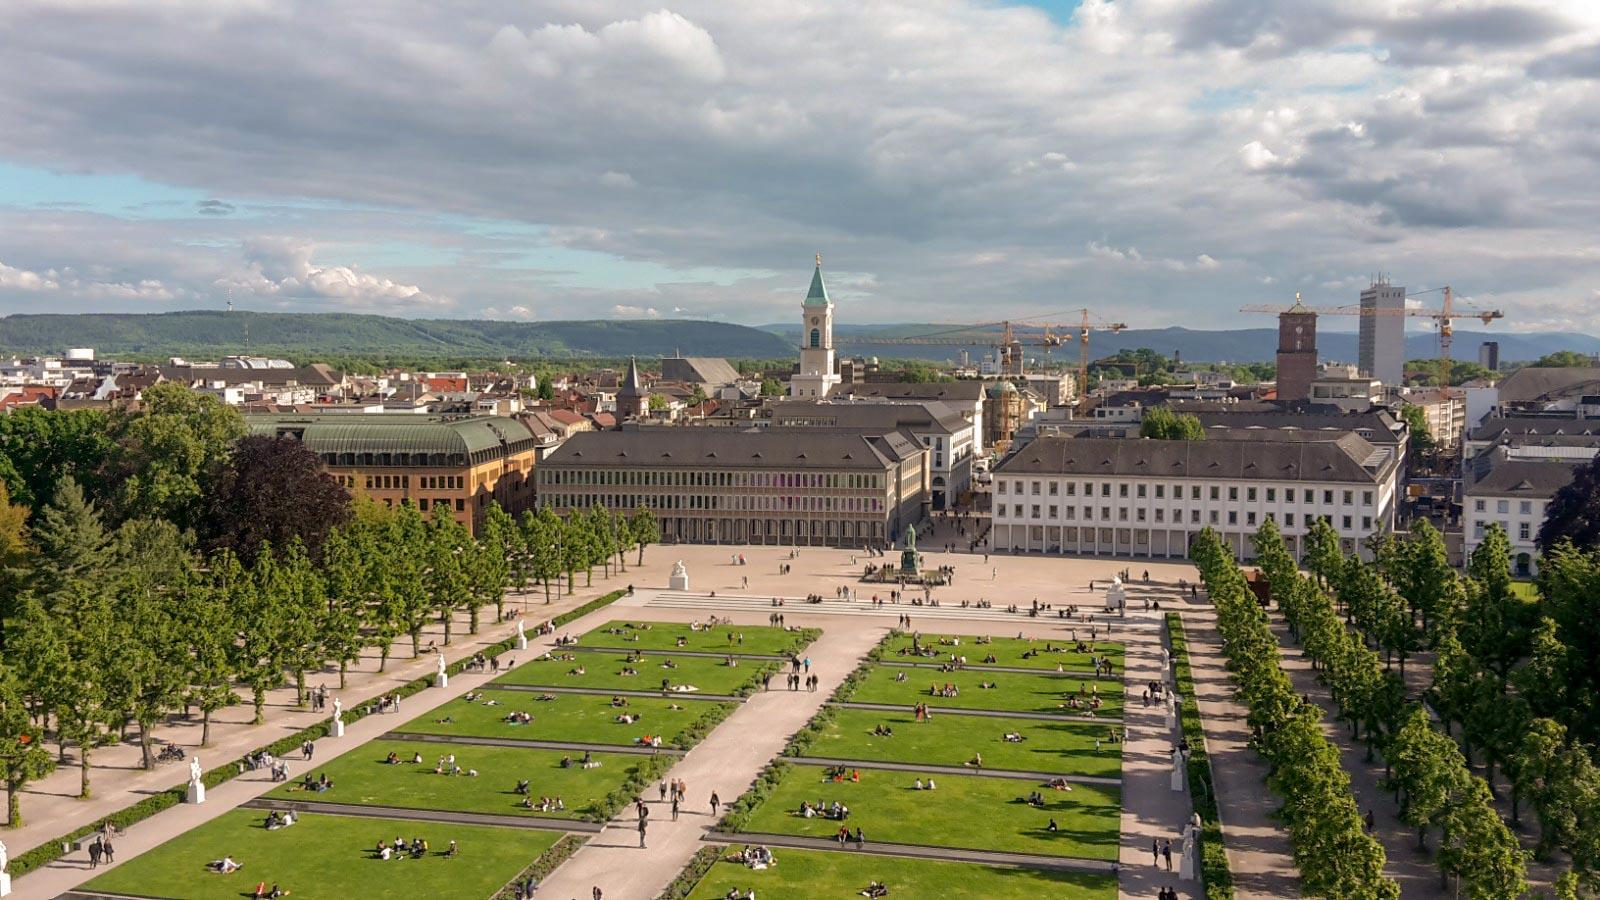 Karlsruher Schlossturm Aussicht auf die Innenstadt